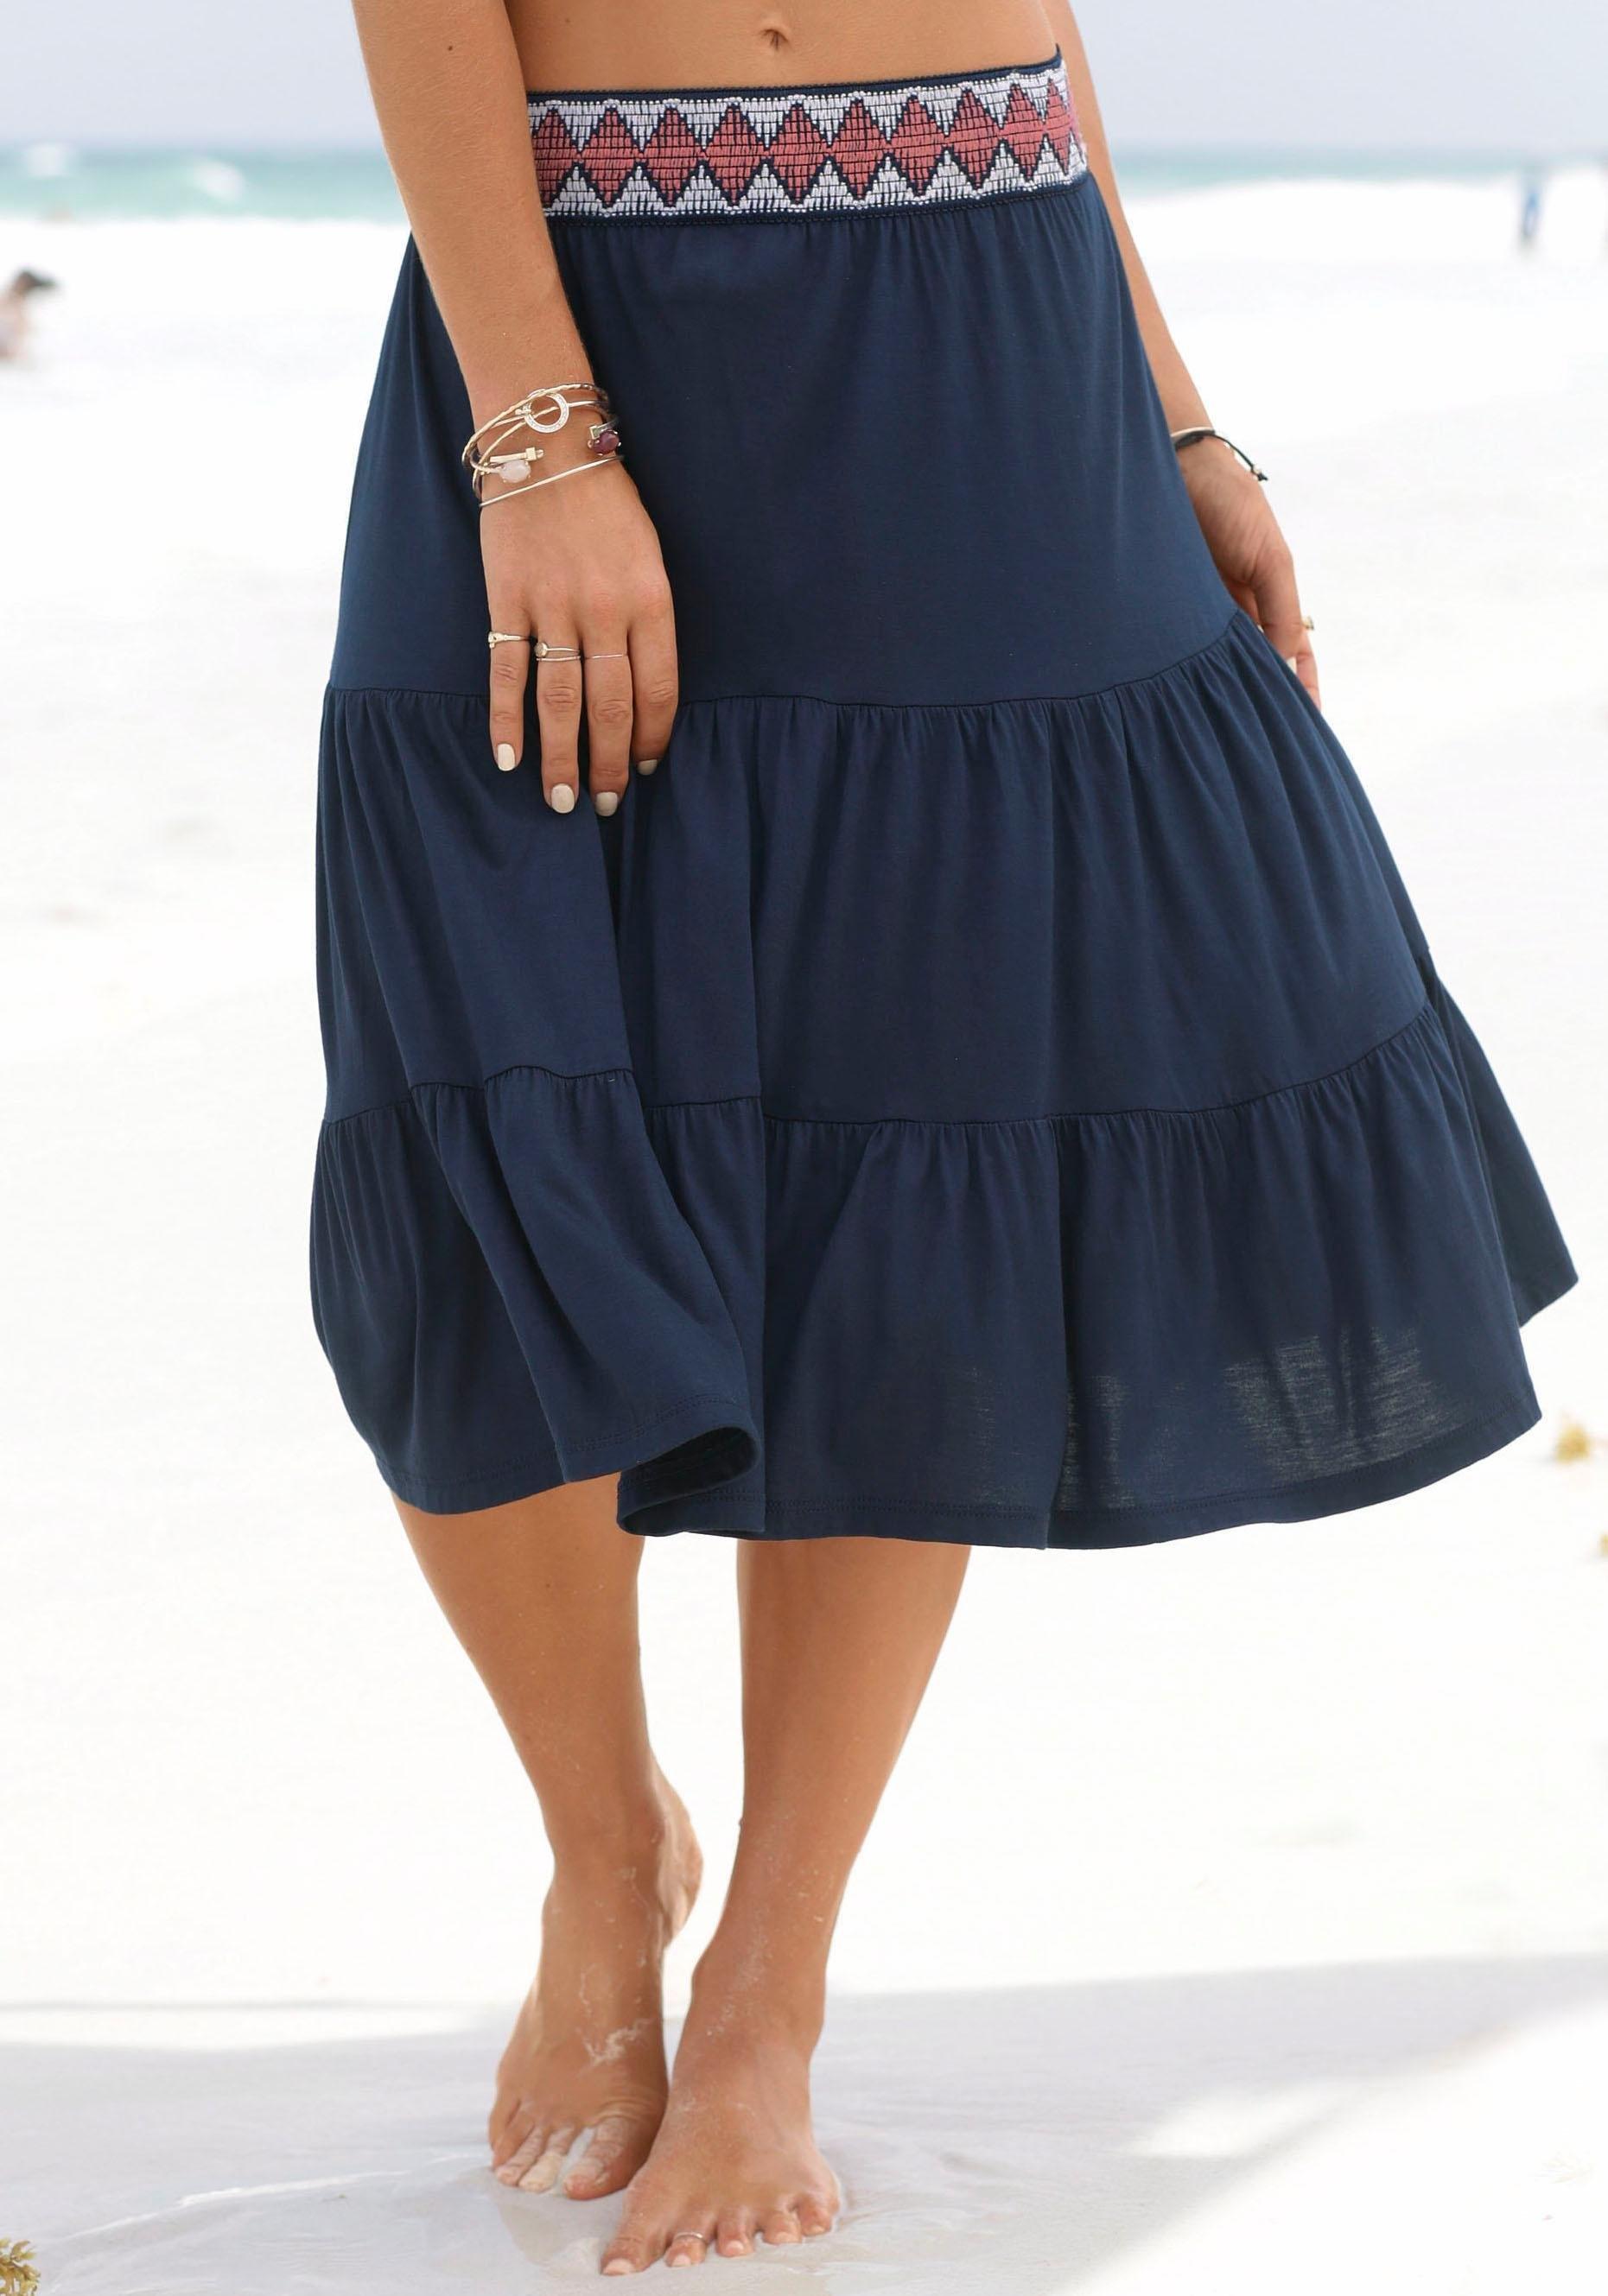 s.Oliver RED LABEL Beachwear Jerseyrok voordelig en veilig online kopen